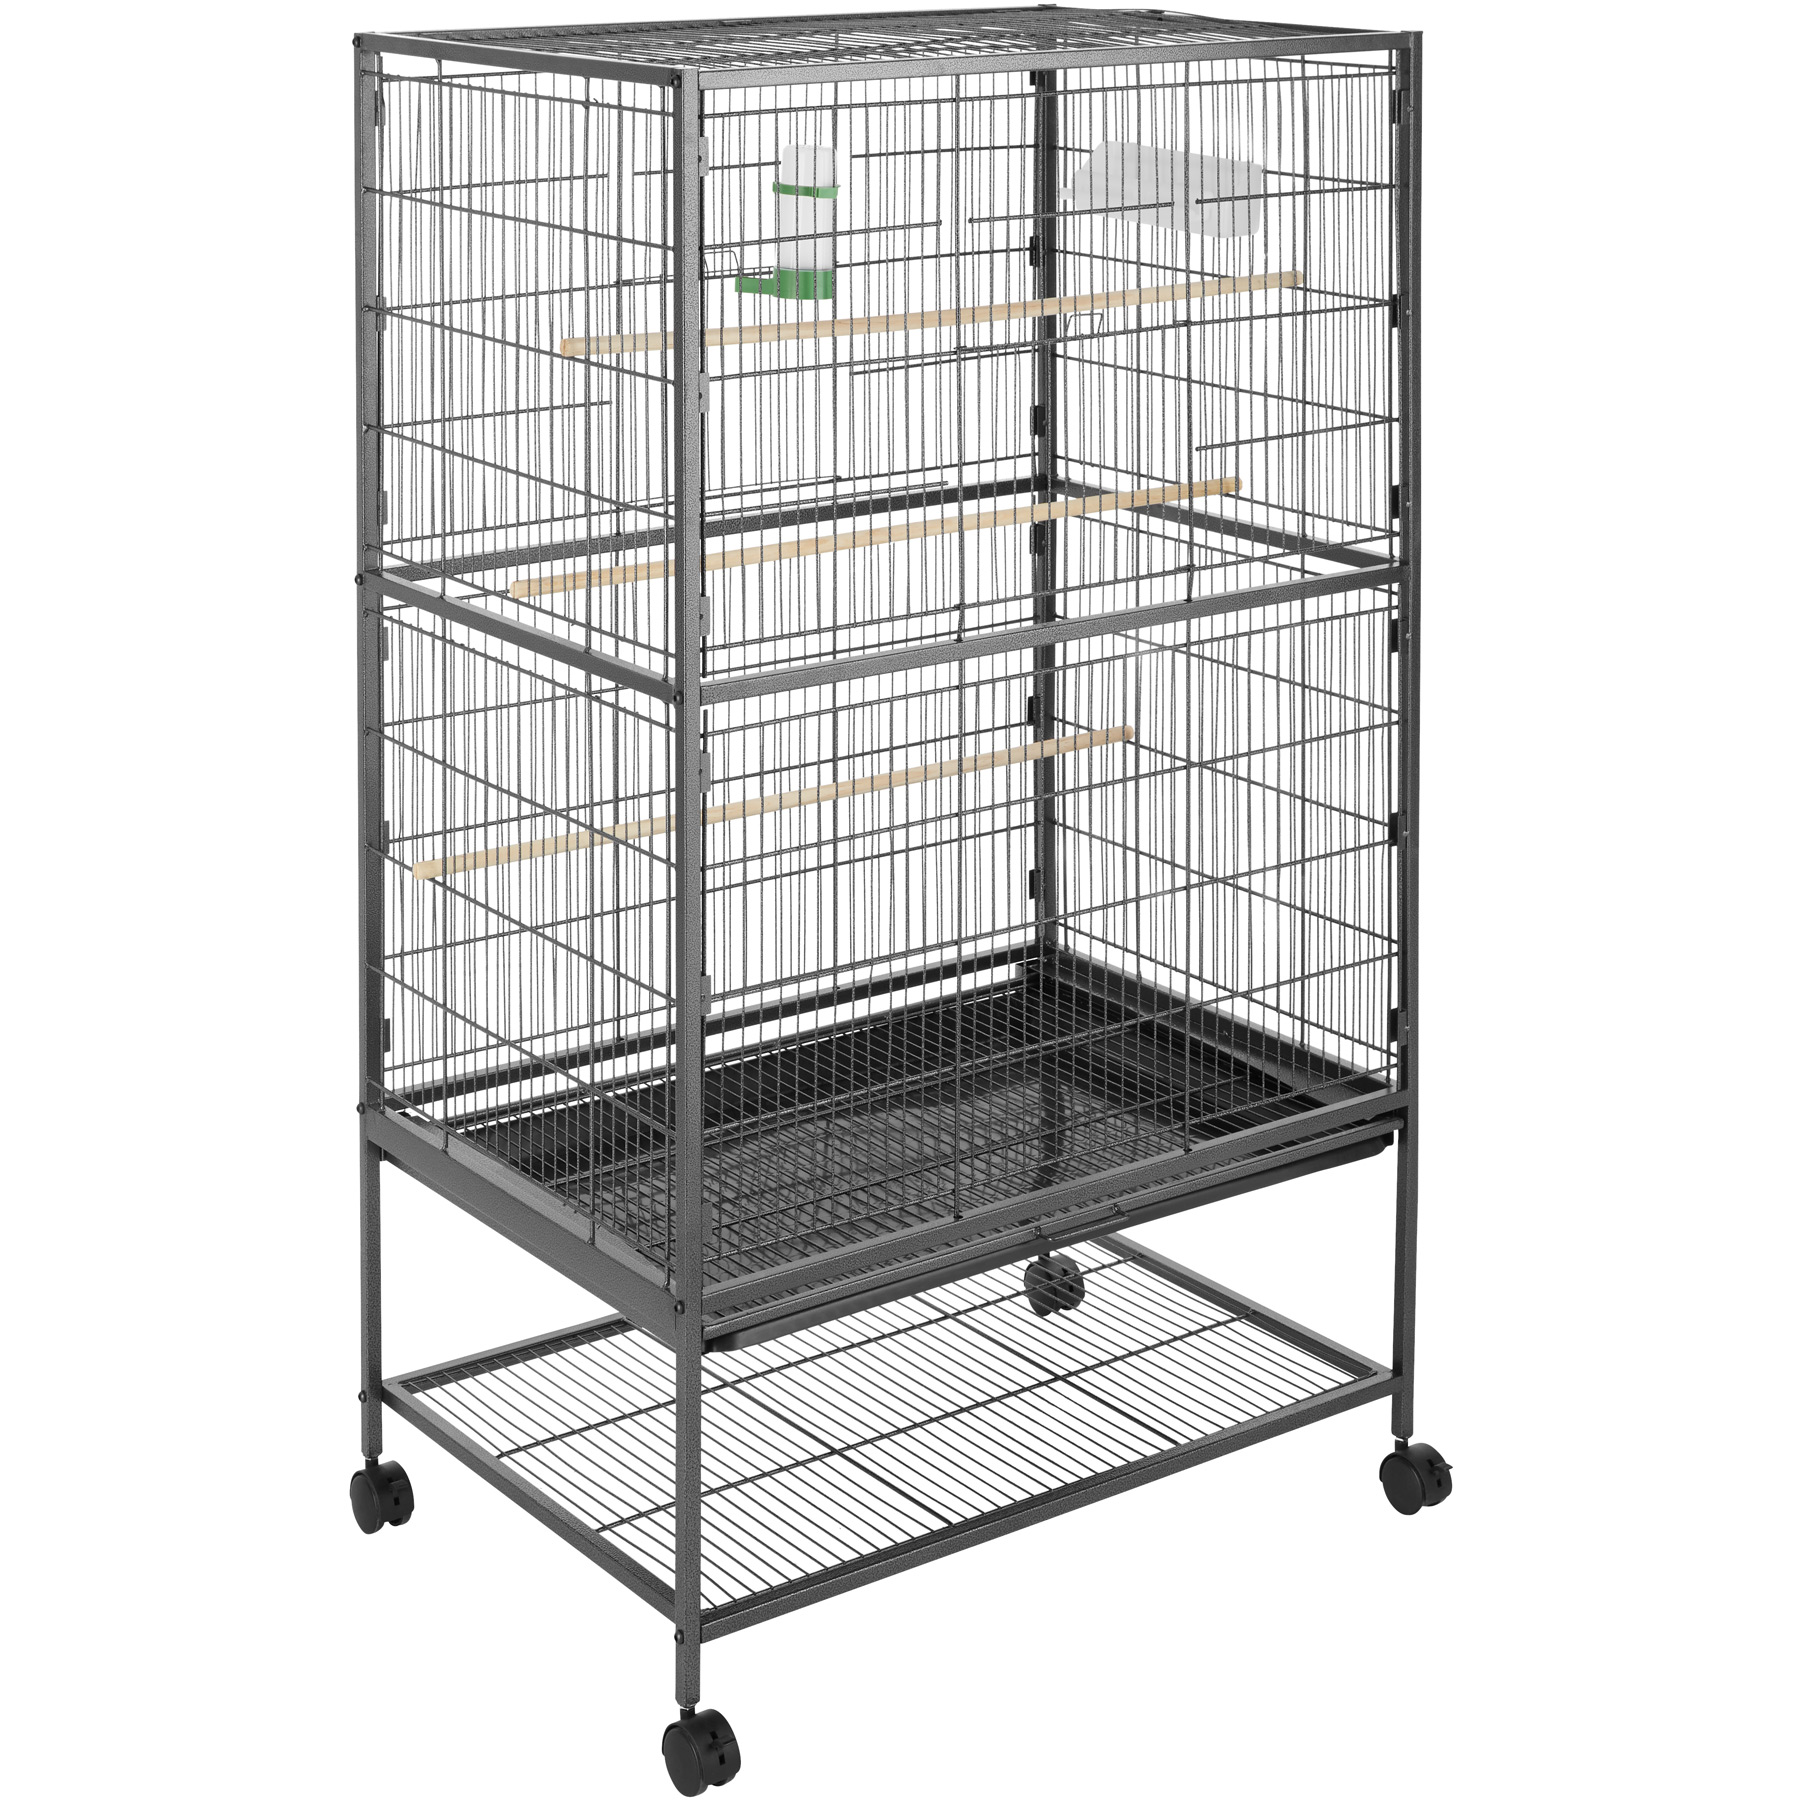 Vogelkäfig 131cm hoch günstig online kaufen